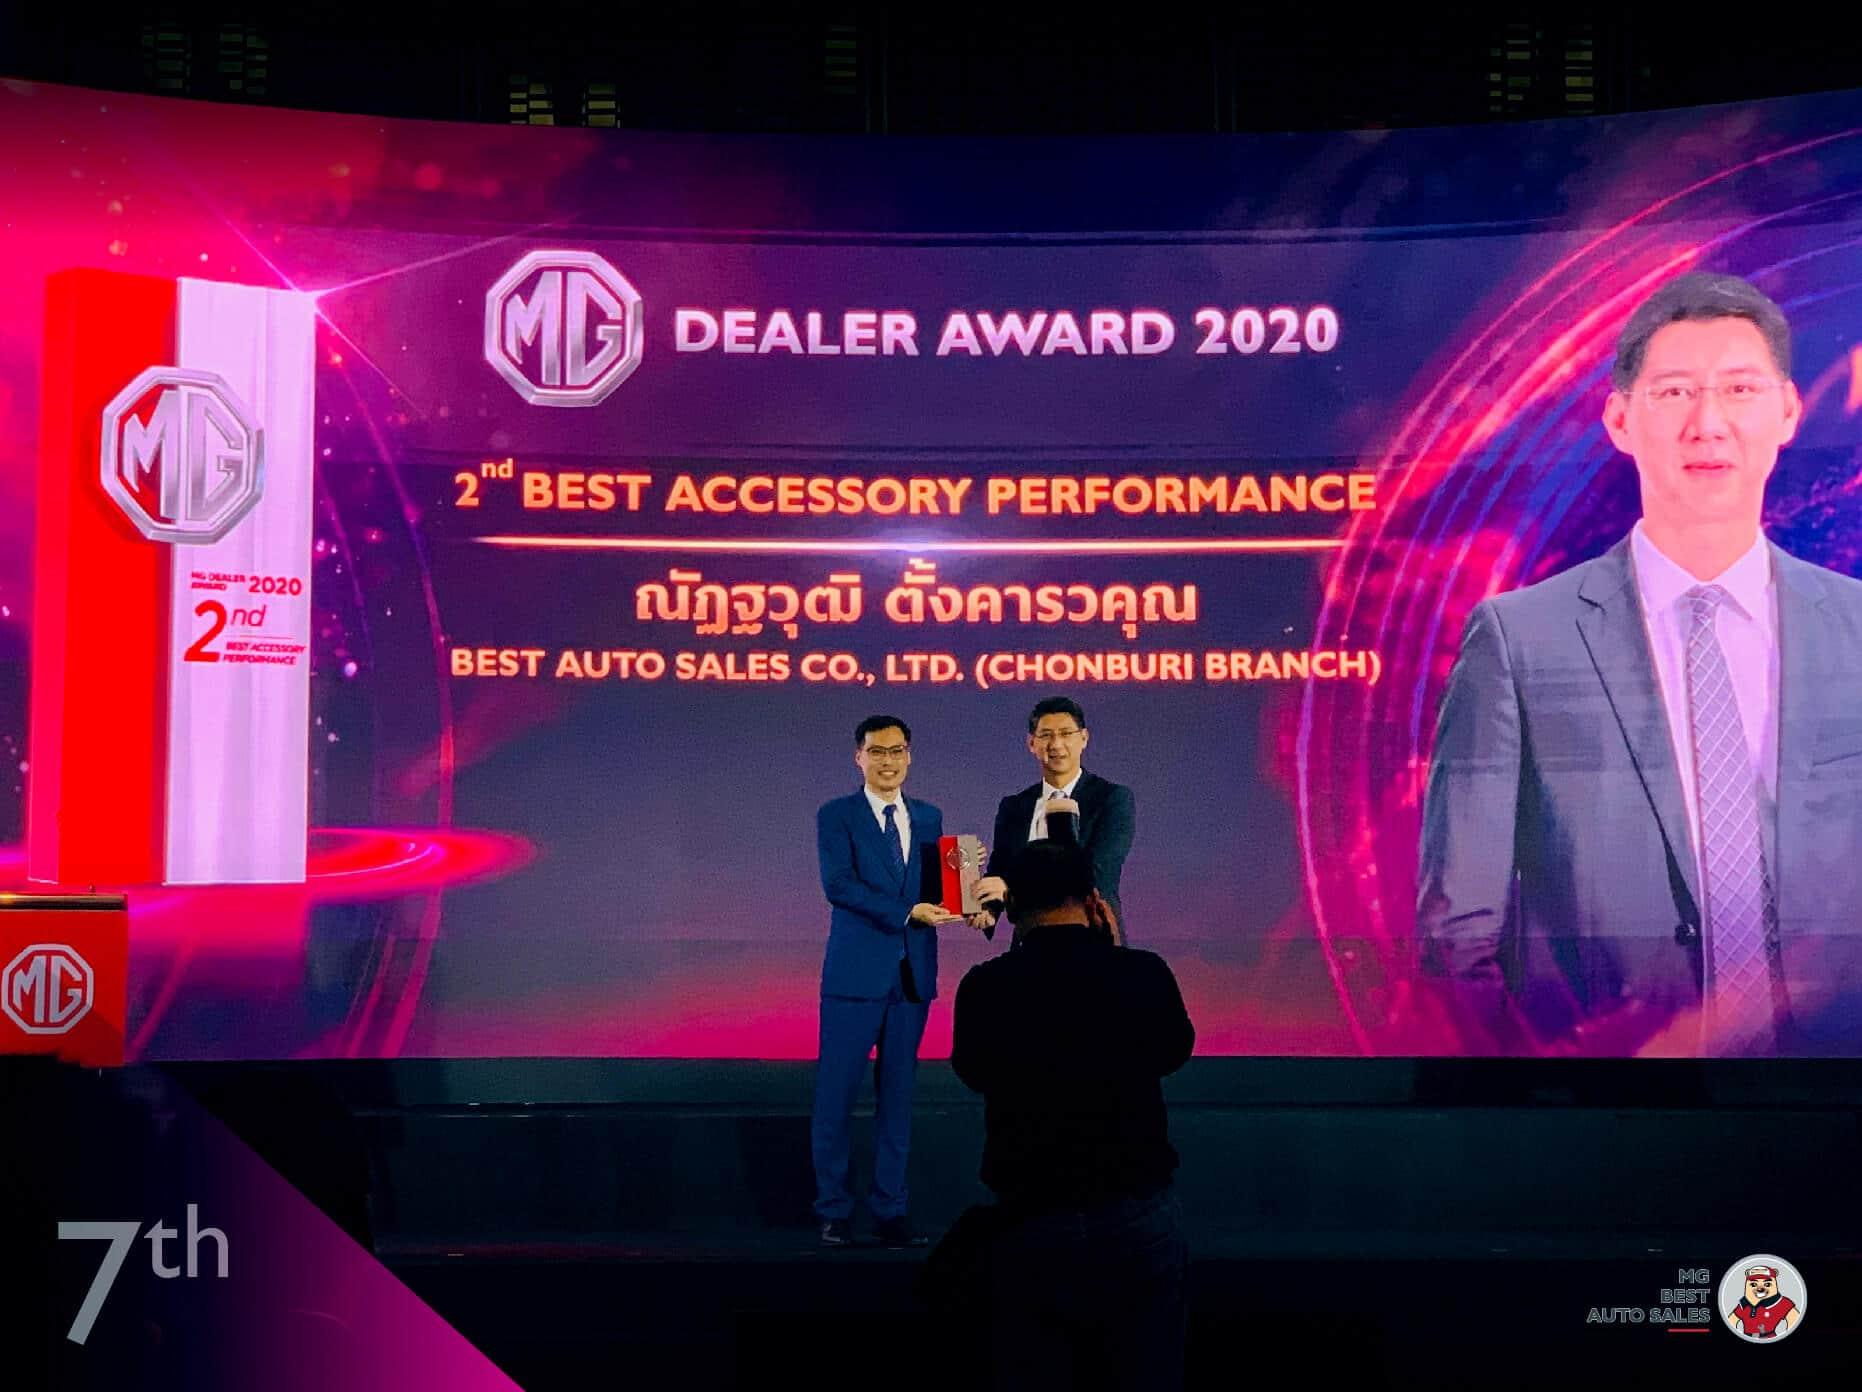 7-รางวัล 2nd Best Accessory Performance เอ็มจี บายพาส ชลบุรี